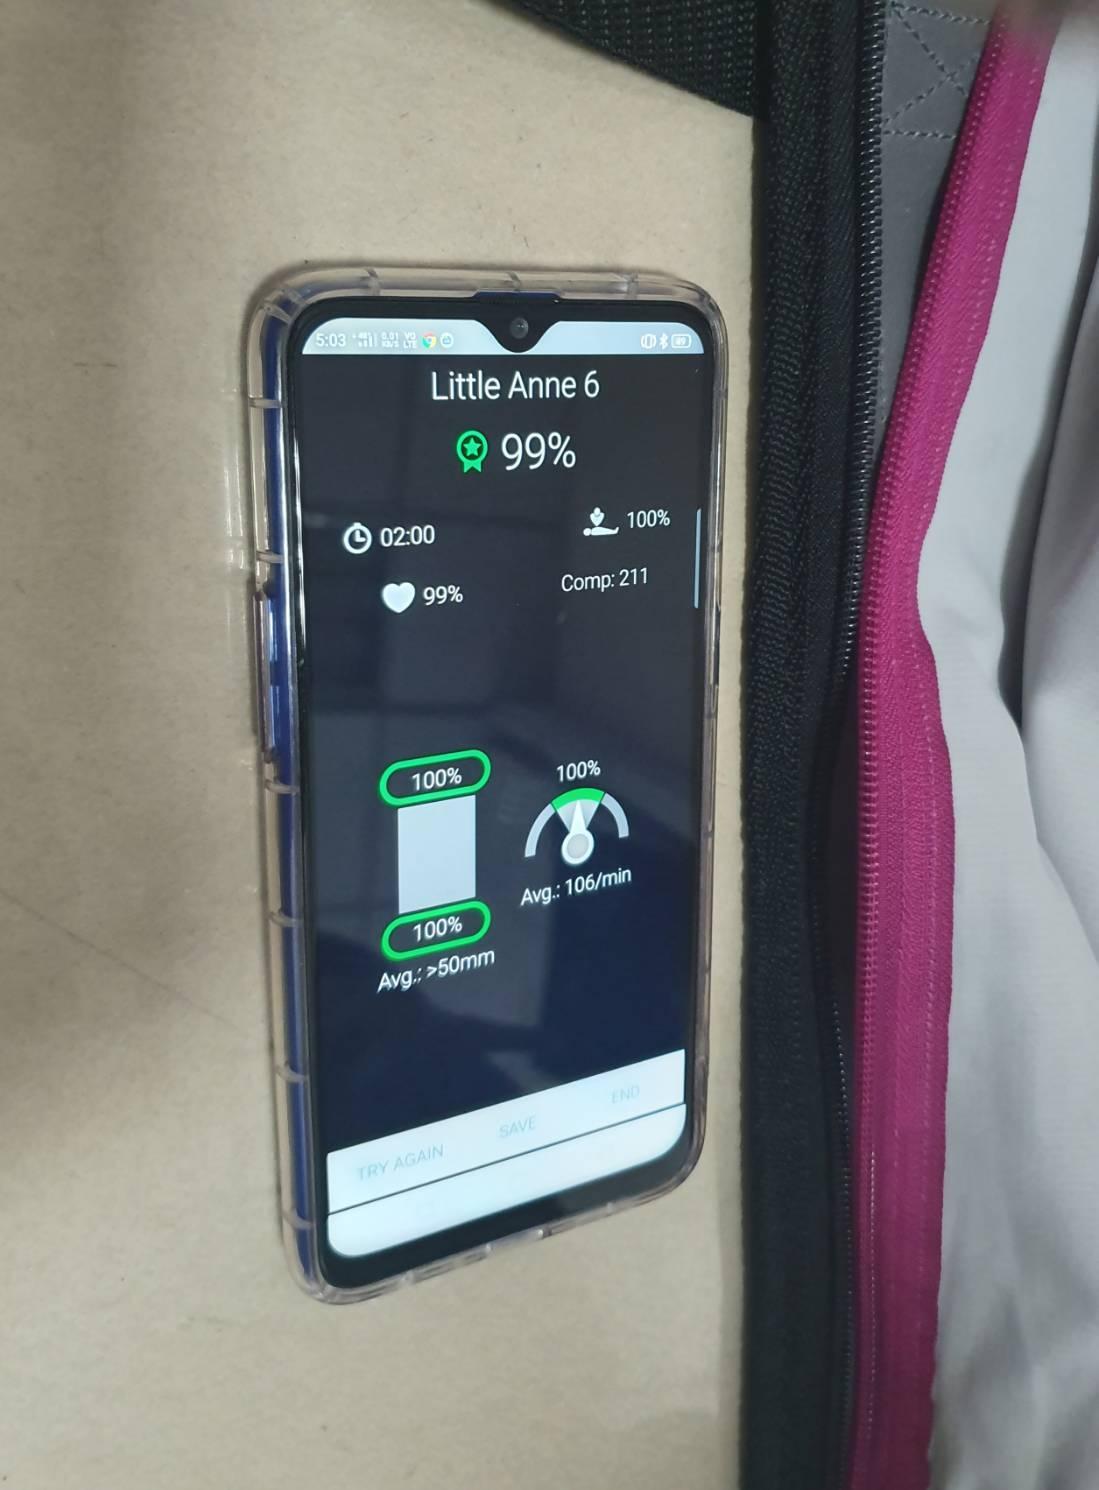 「QCPR」在與科技產品連接藍芽後,可在APP上監測胸部按壓的次數、吹氣比及按壓...